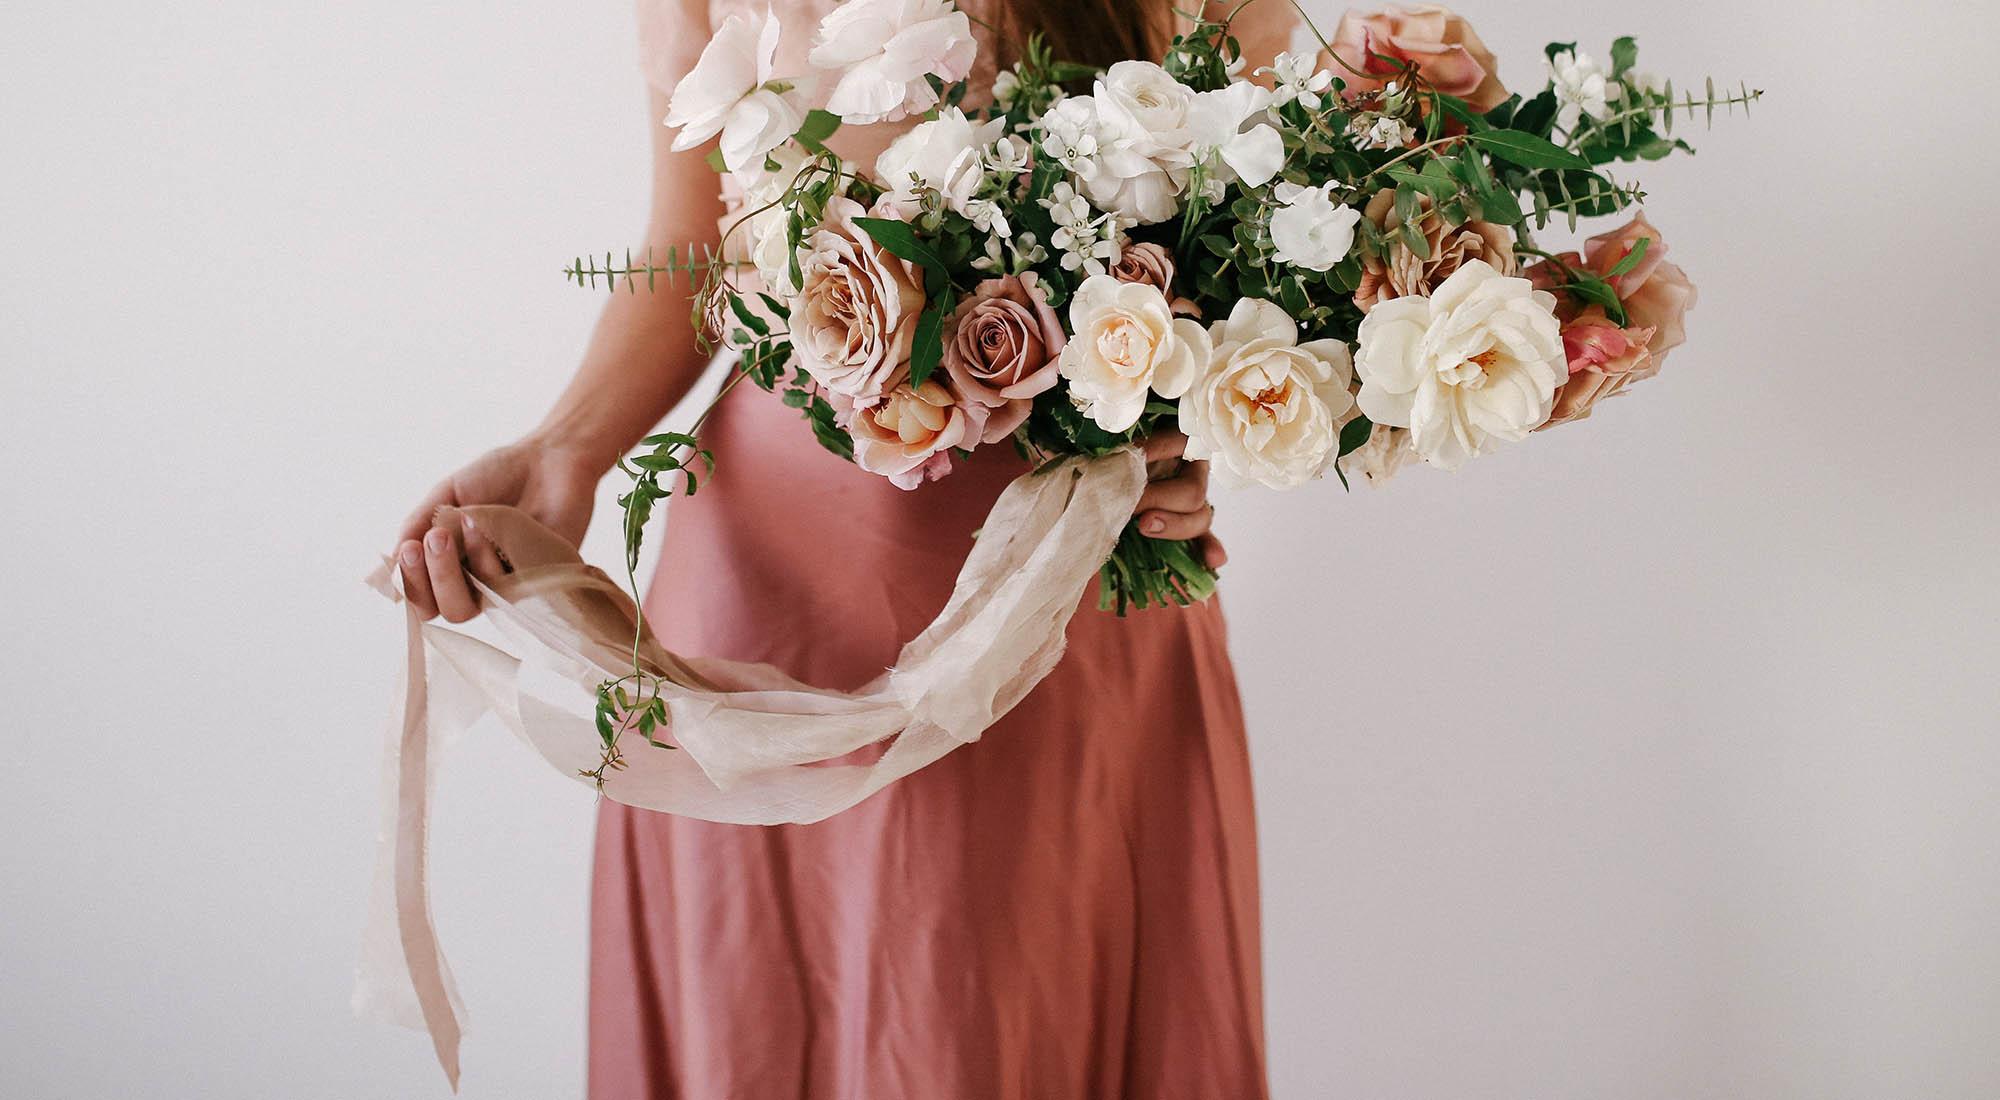 Chiffon Ribbon wedding bouquet Neutral color palette